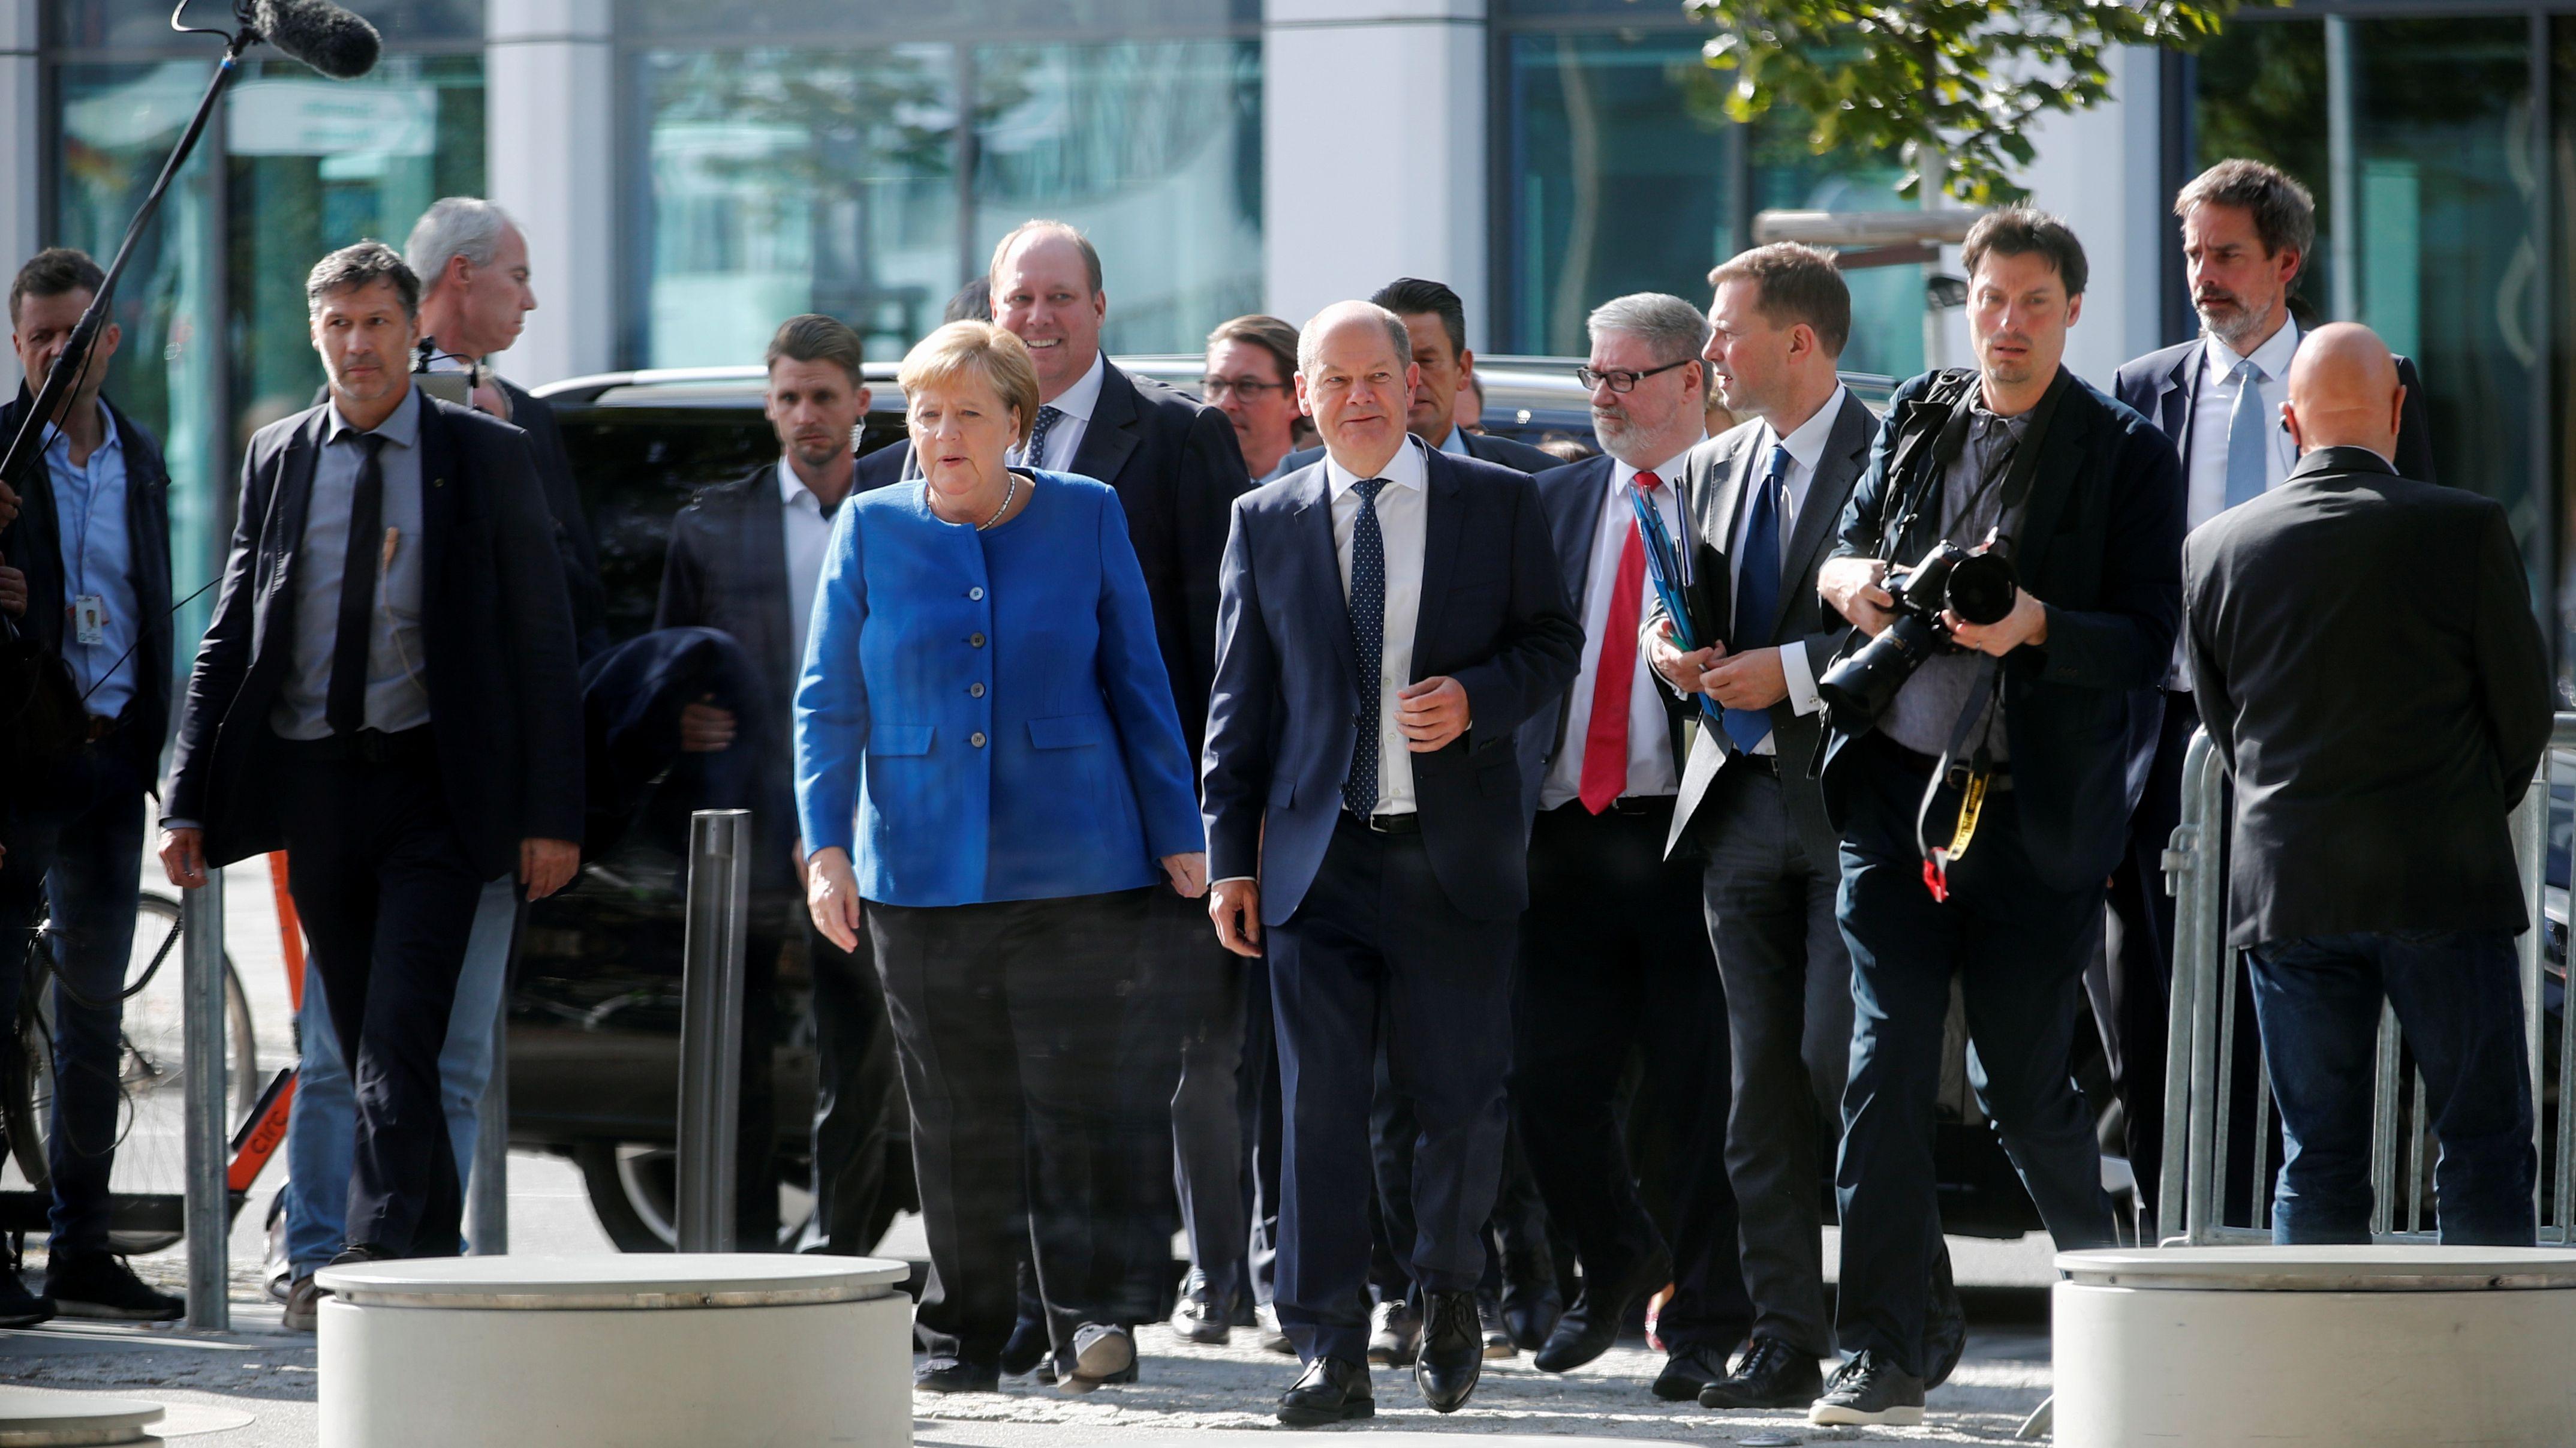 Die Spitzen der Koalition auf dem Weg zur Pressekonferenz zur Vorstellung des Klimapakets.